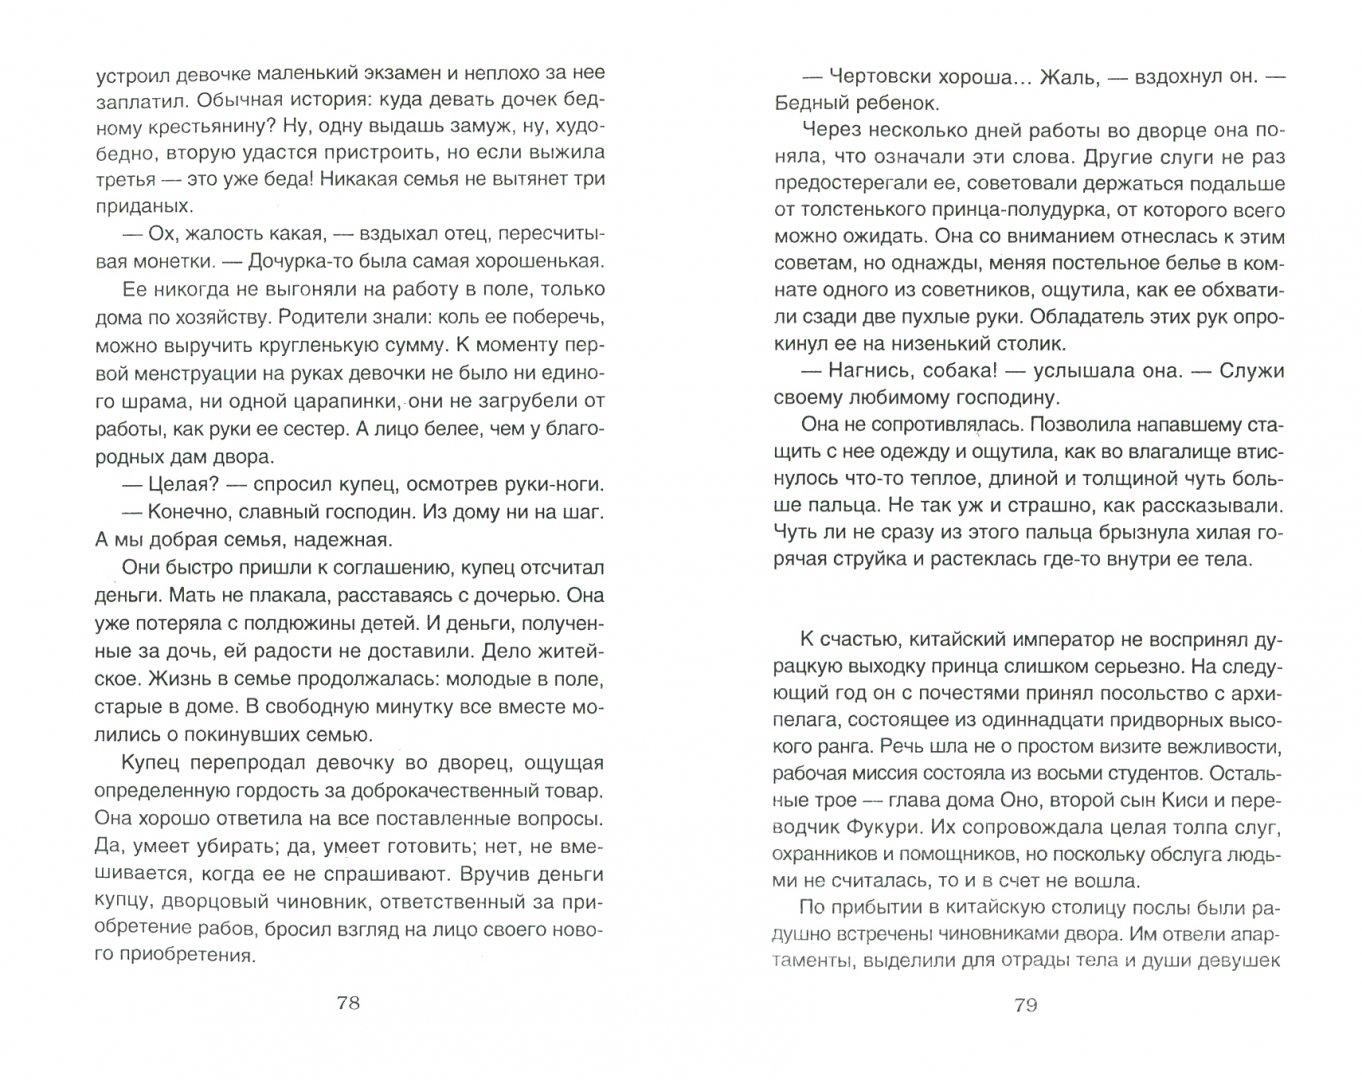 Иллюстрация 1 из 5 для Микрокосмос, или Теорема Сога - Асука Фудзимори | Лабиринт - книги. Источник: Лабиринт